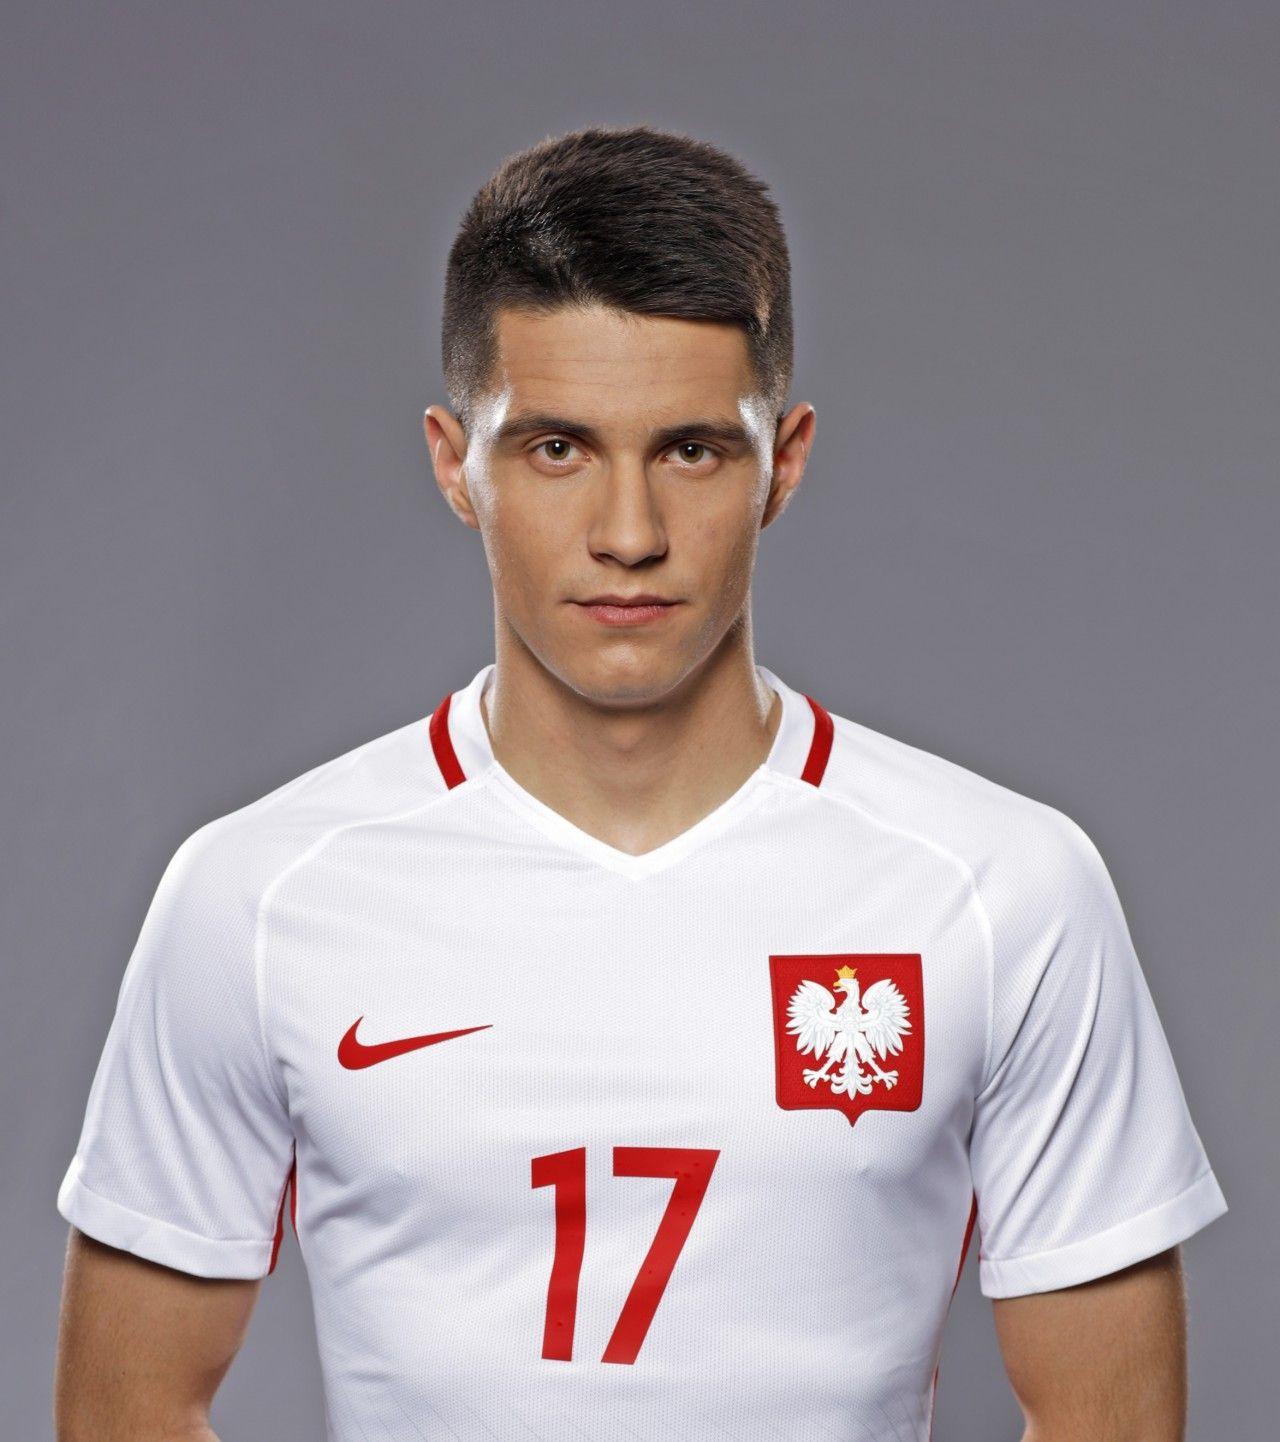 Reprezentacja Polski Aktualna Kadra 0poland 2016 W 2019